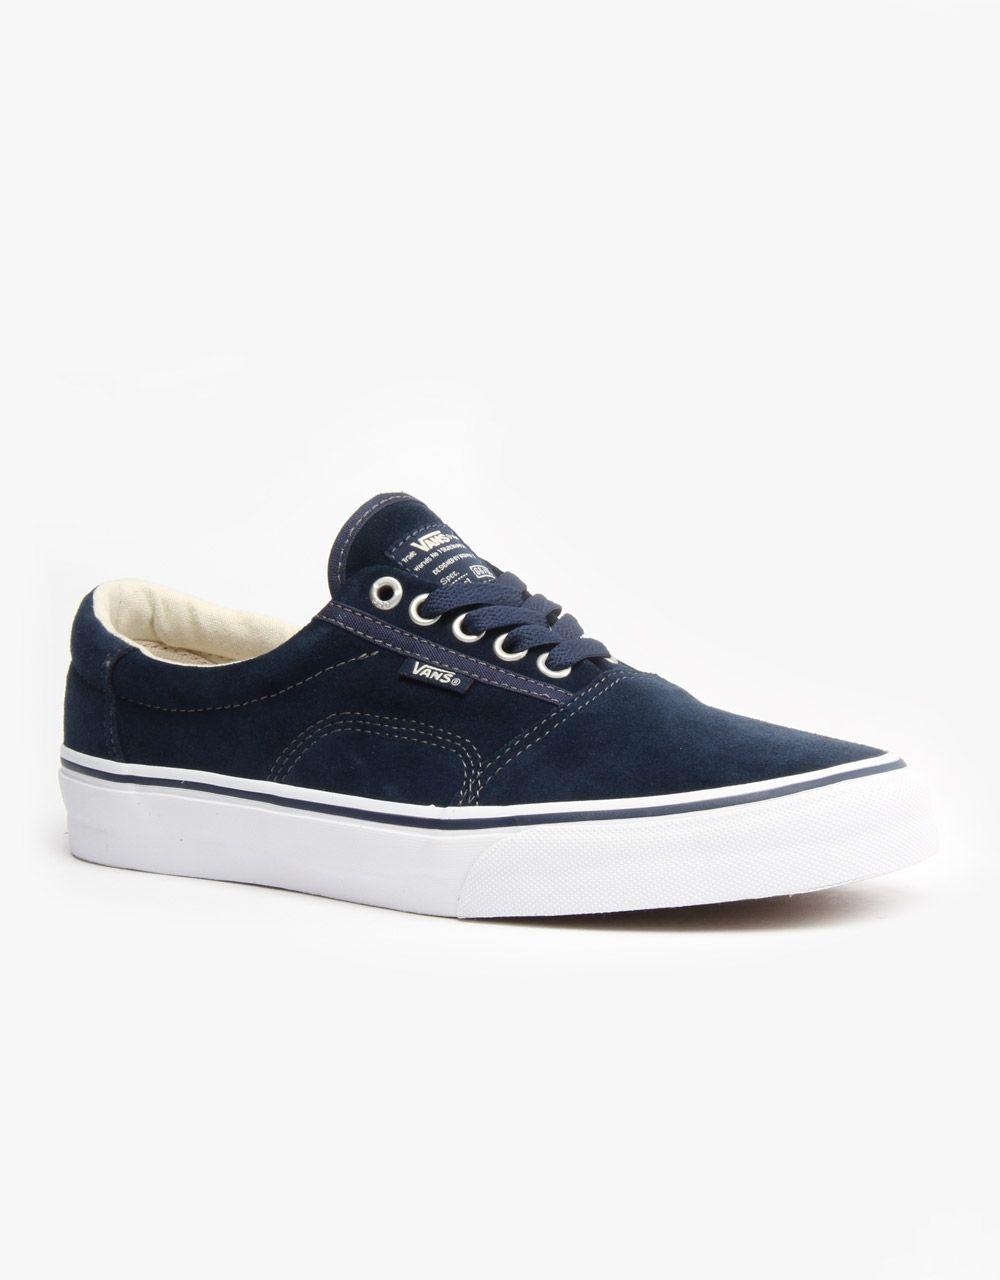 b928a25689 Vans Rowley Solos Pro Skate Shoes - Dress Blue